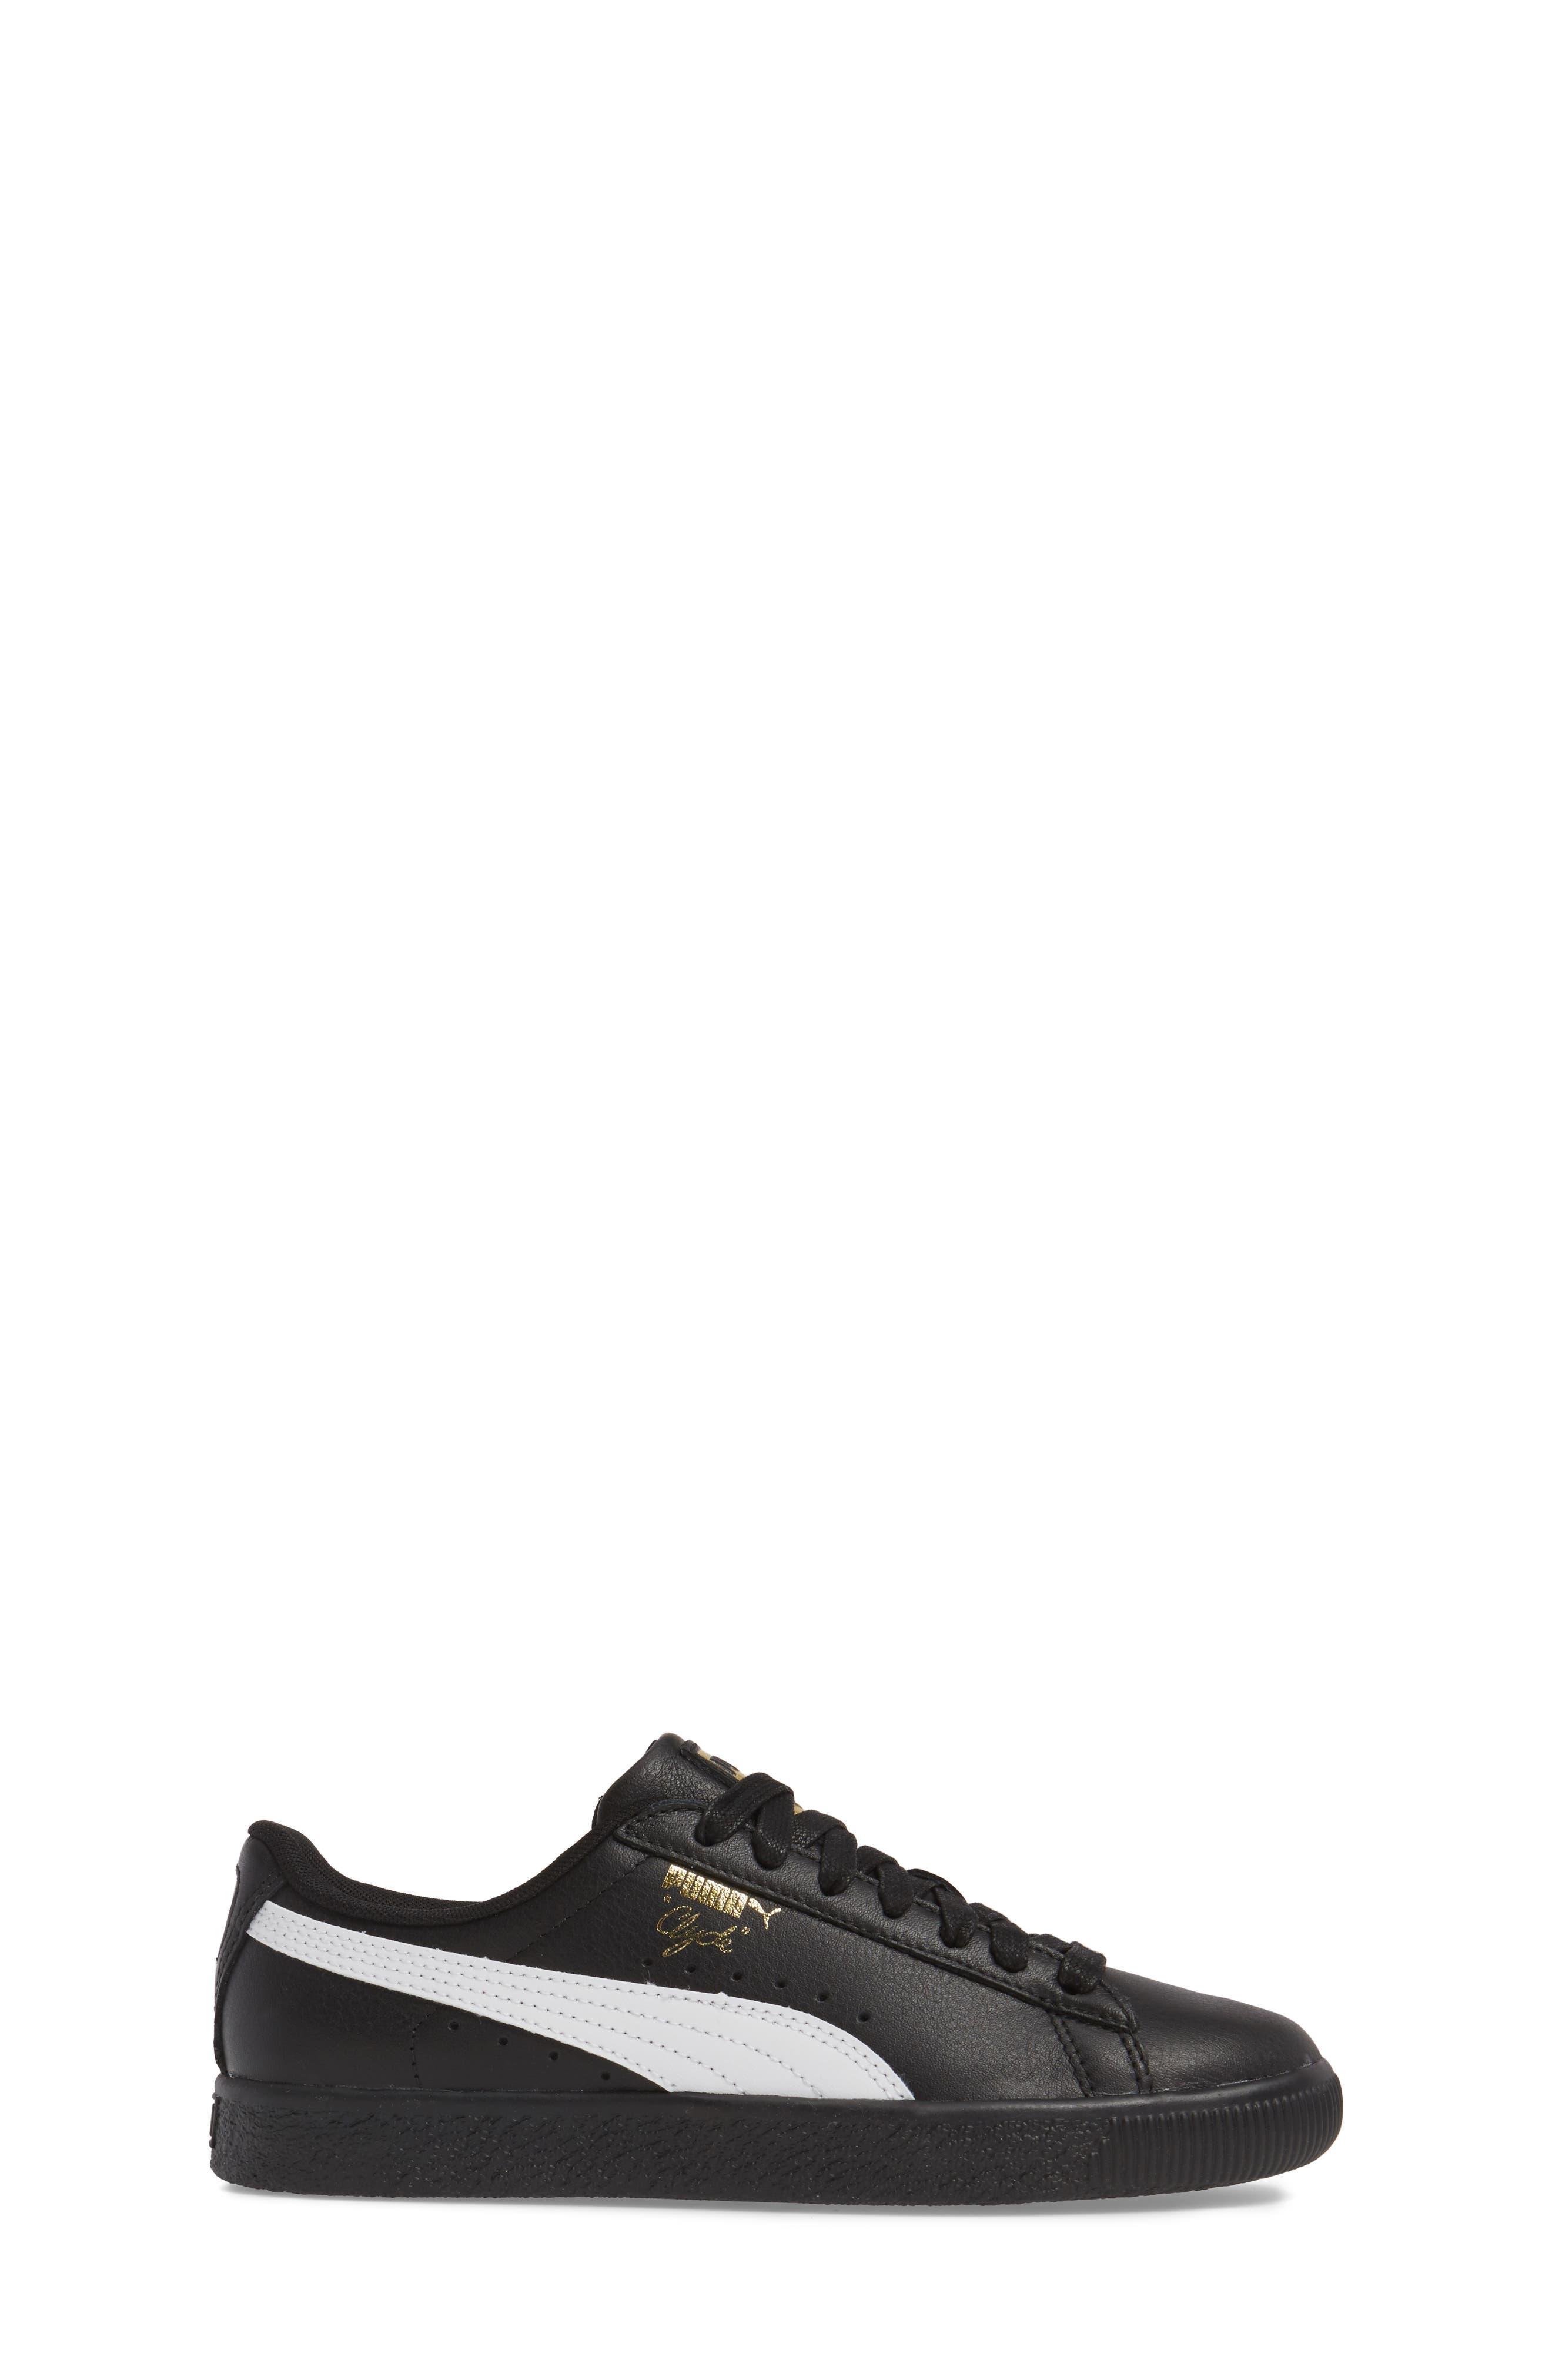 Clyde Core Foil Sneaker,                             Alternate thumbnail 3, color,                             001